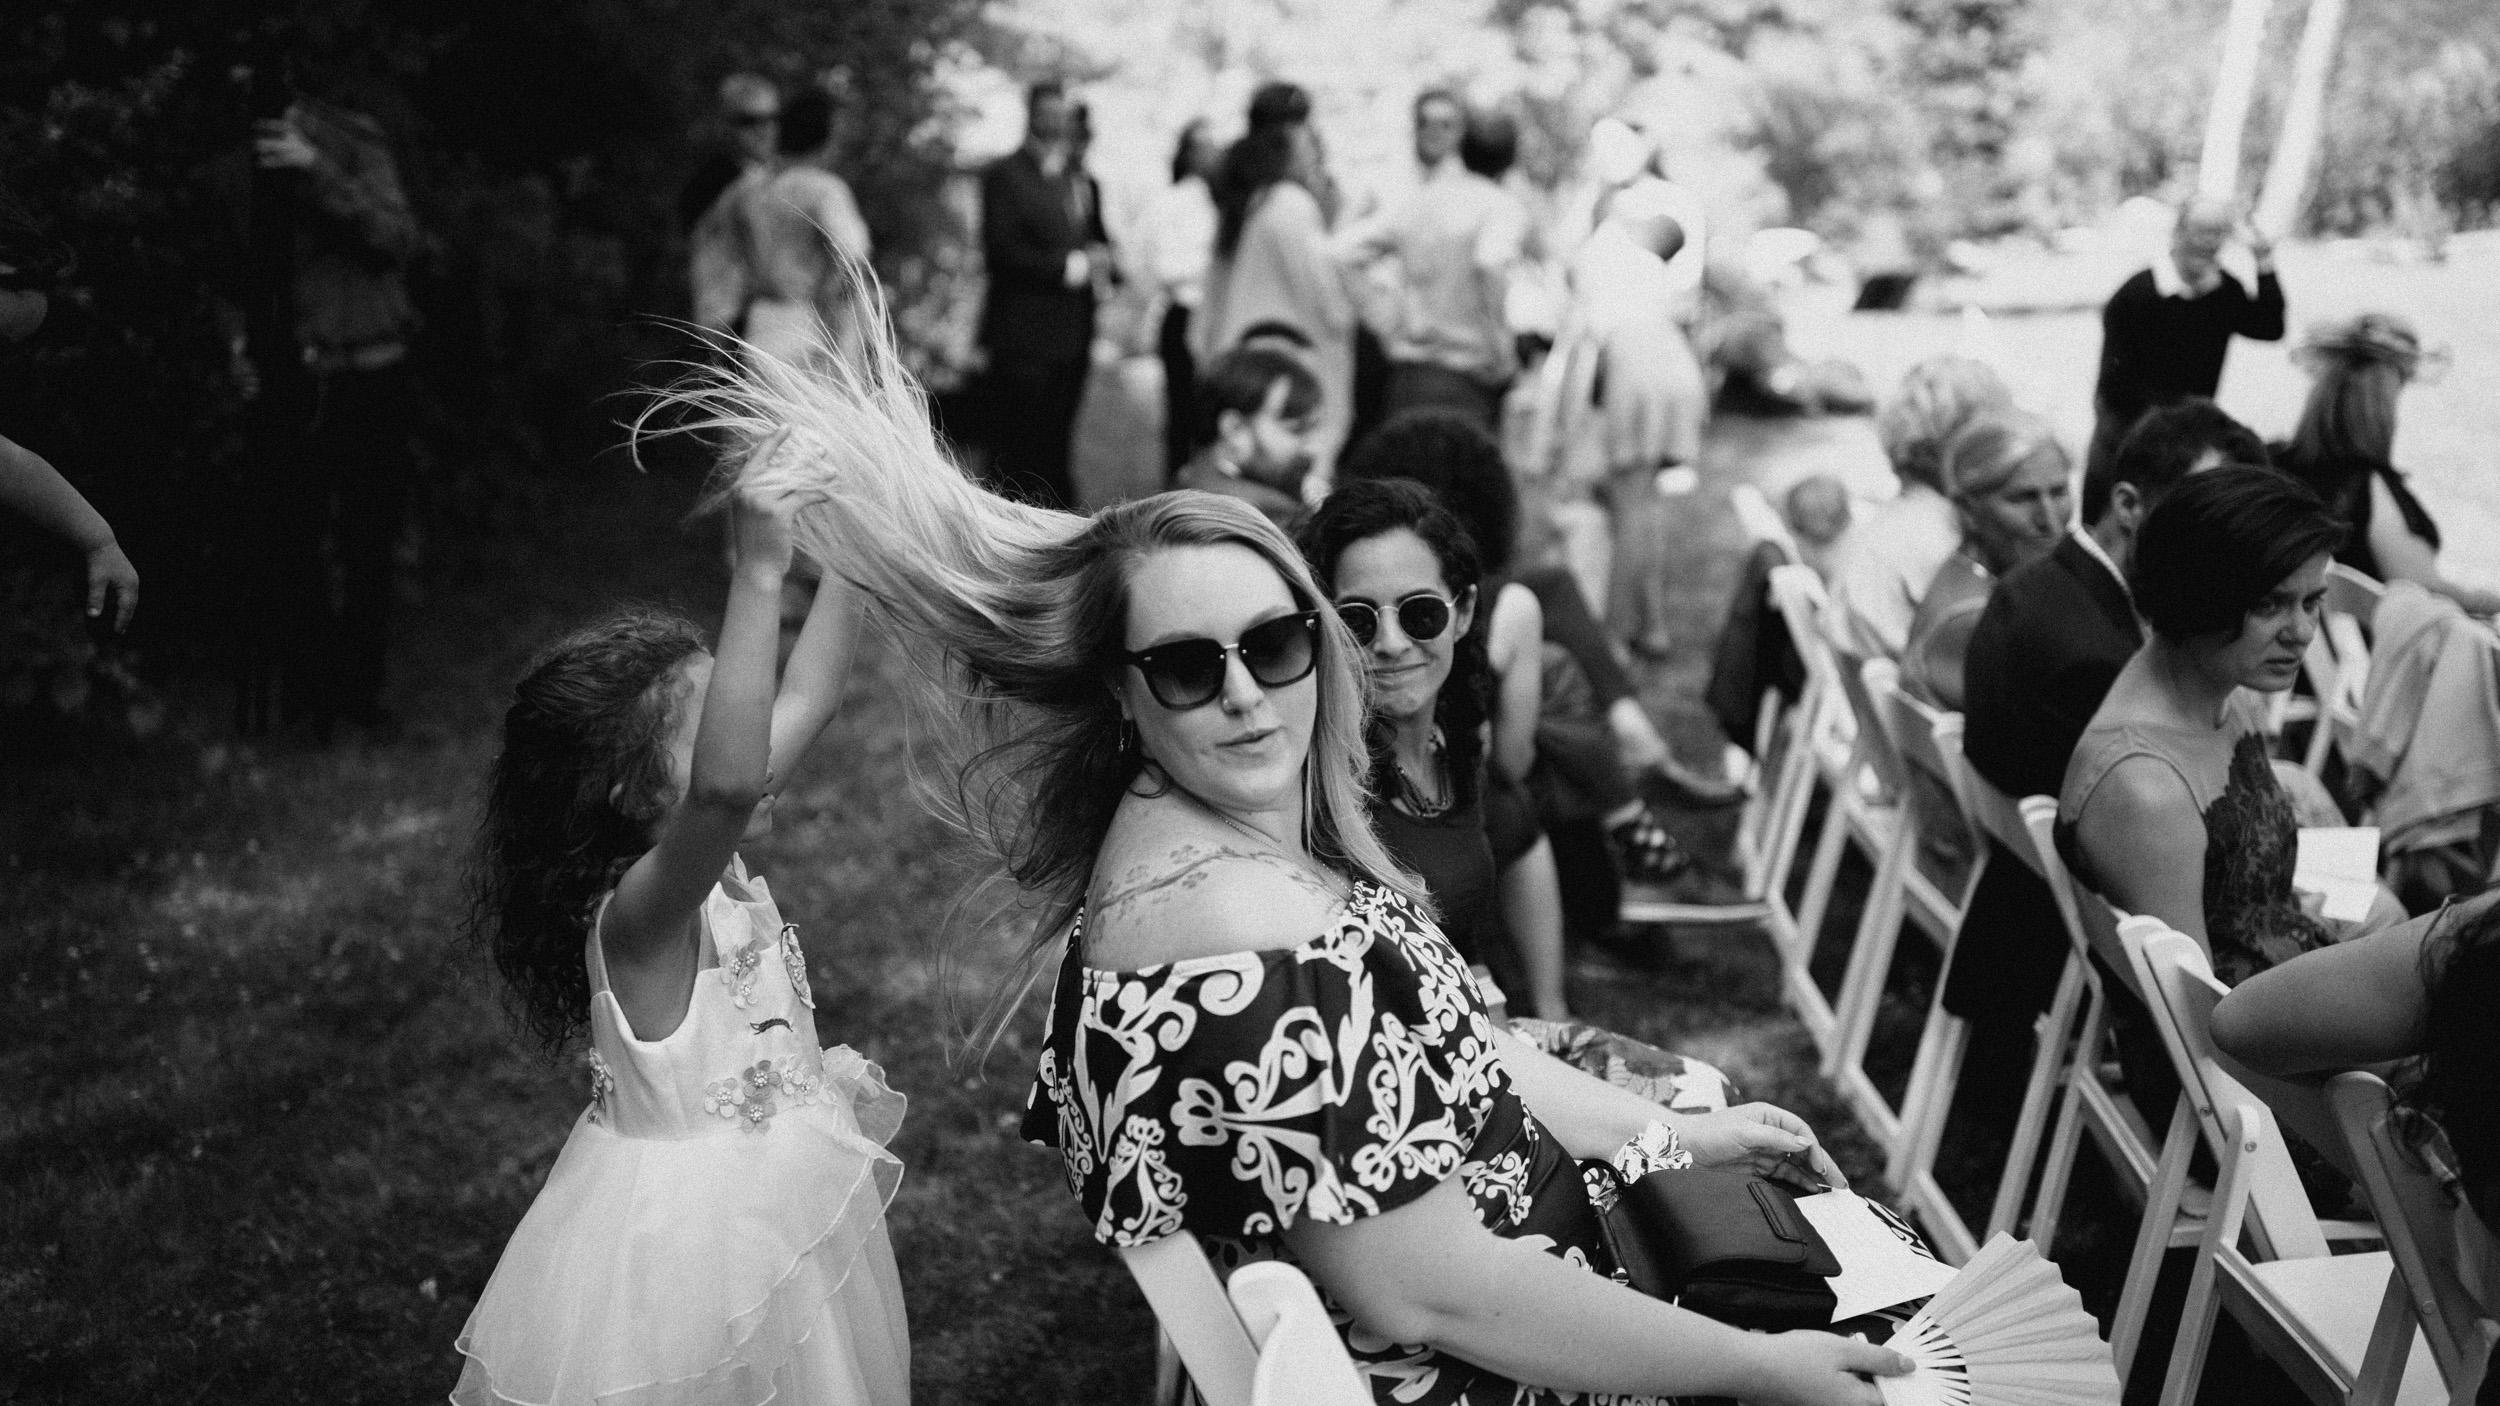 alec_vanderboom_vermont_wedding_photography-0077.jpg